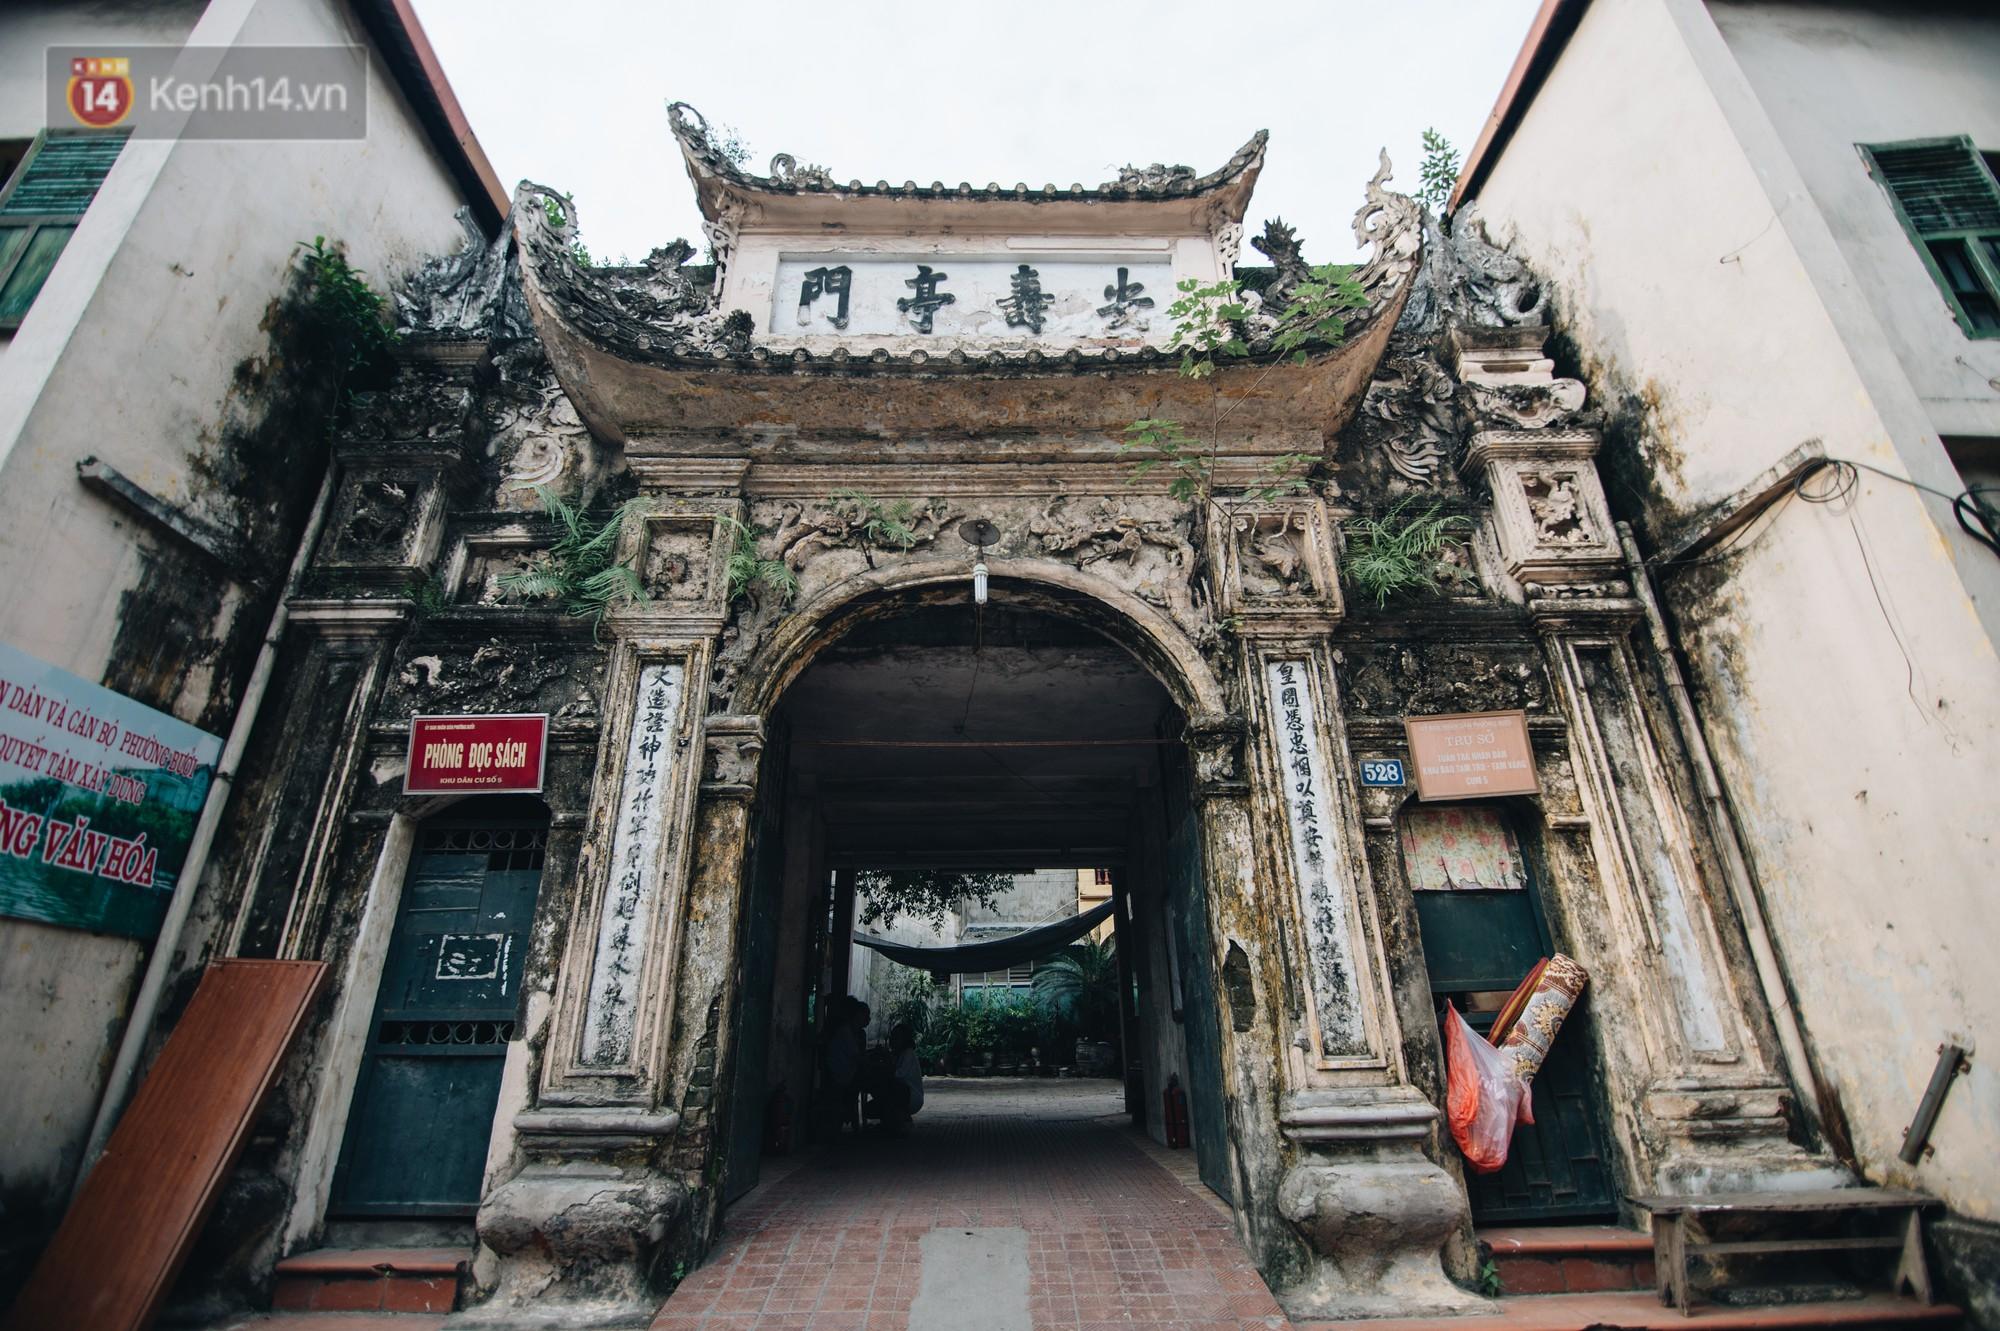 Chuyện về một con phố có nhiều cổng làng nhất Hà Nội: Đưa chân qua cổng phải tôn trọng nếp làng - Ảnh 3.